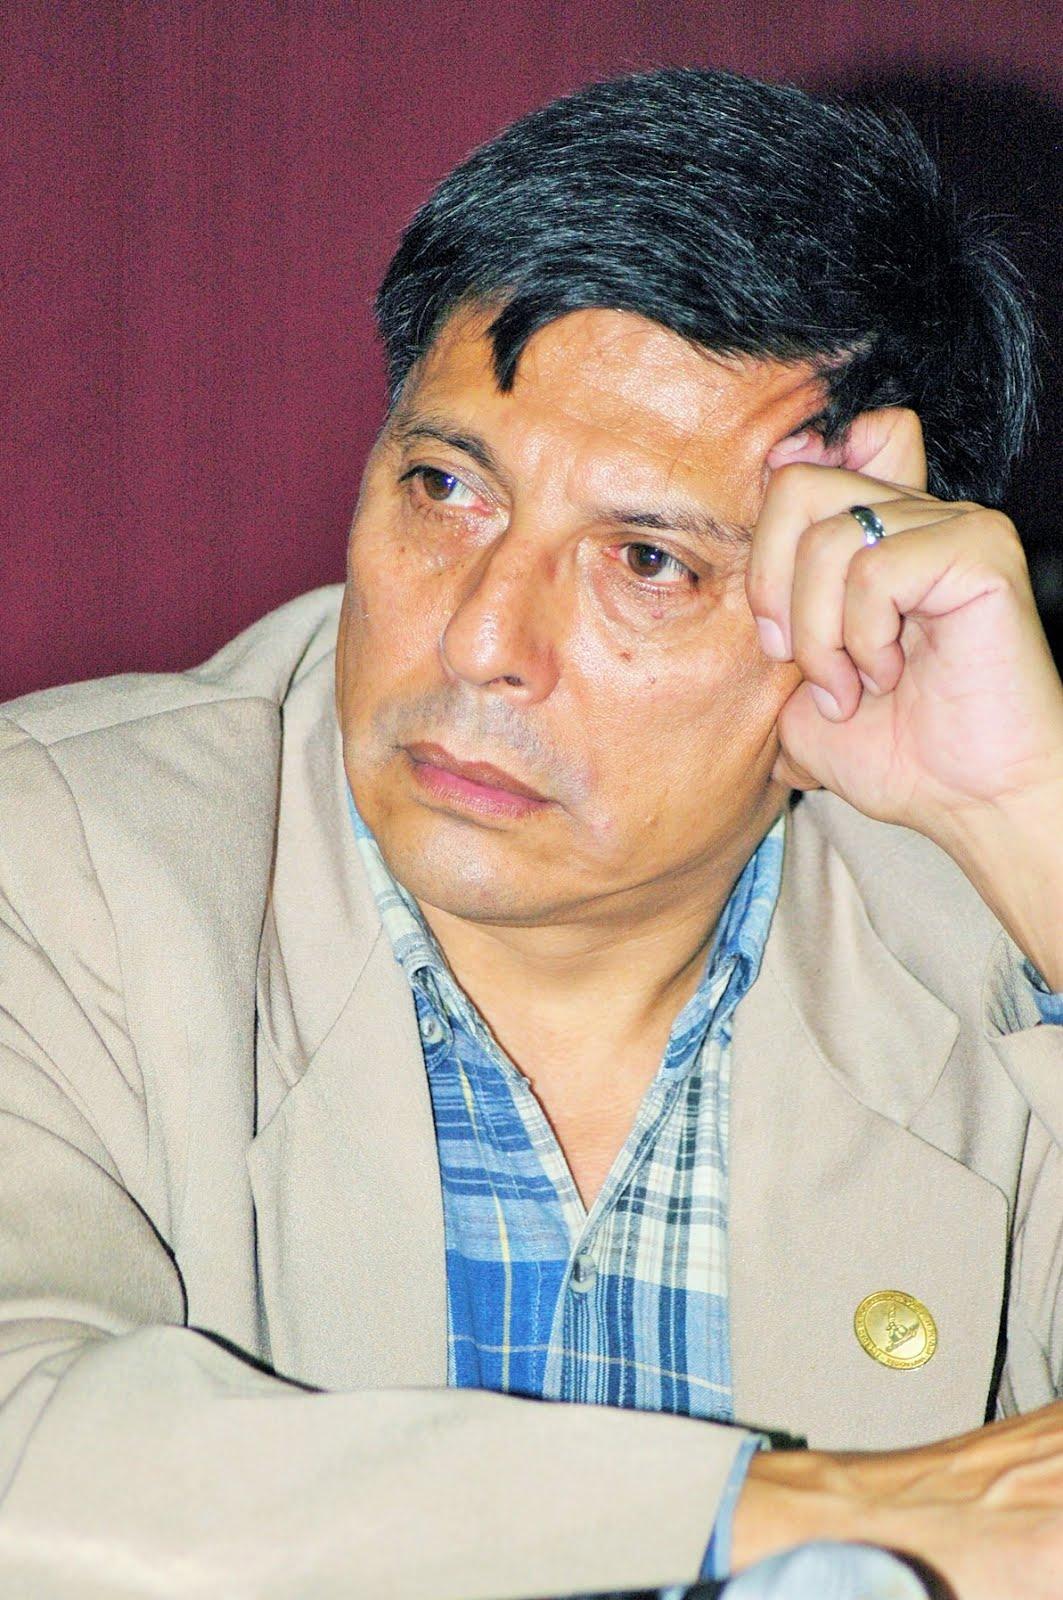 Jorge Aliaga Cacho 2015